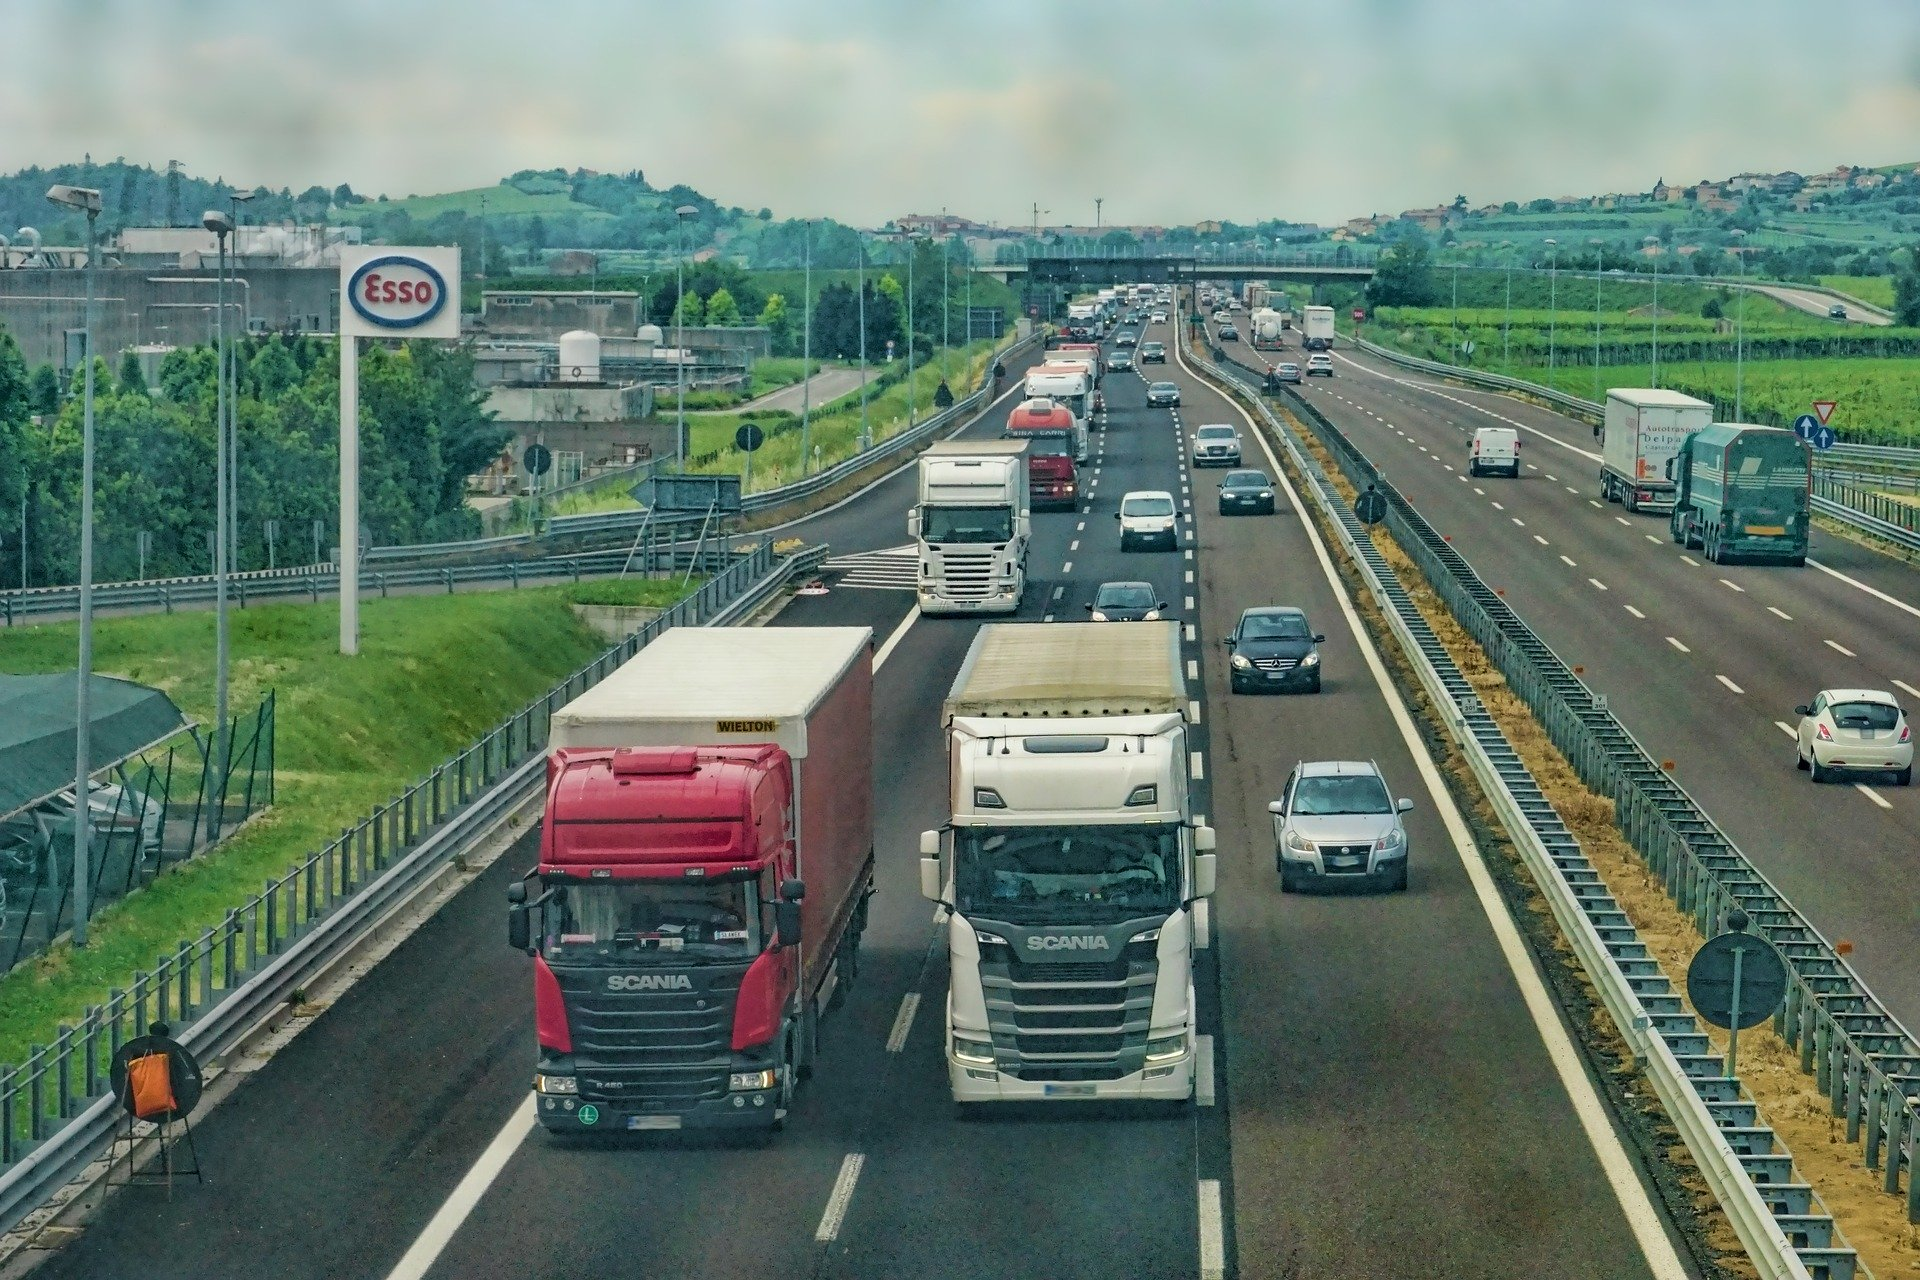 Nowy system poboru opłat drogowych – geolokalizacja i mobilna aplikacja